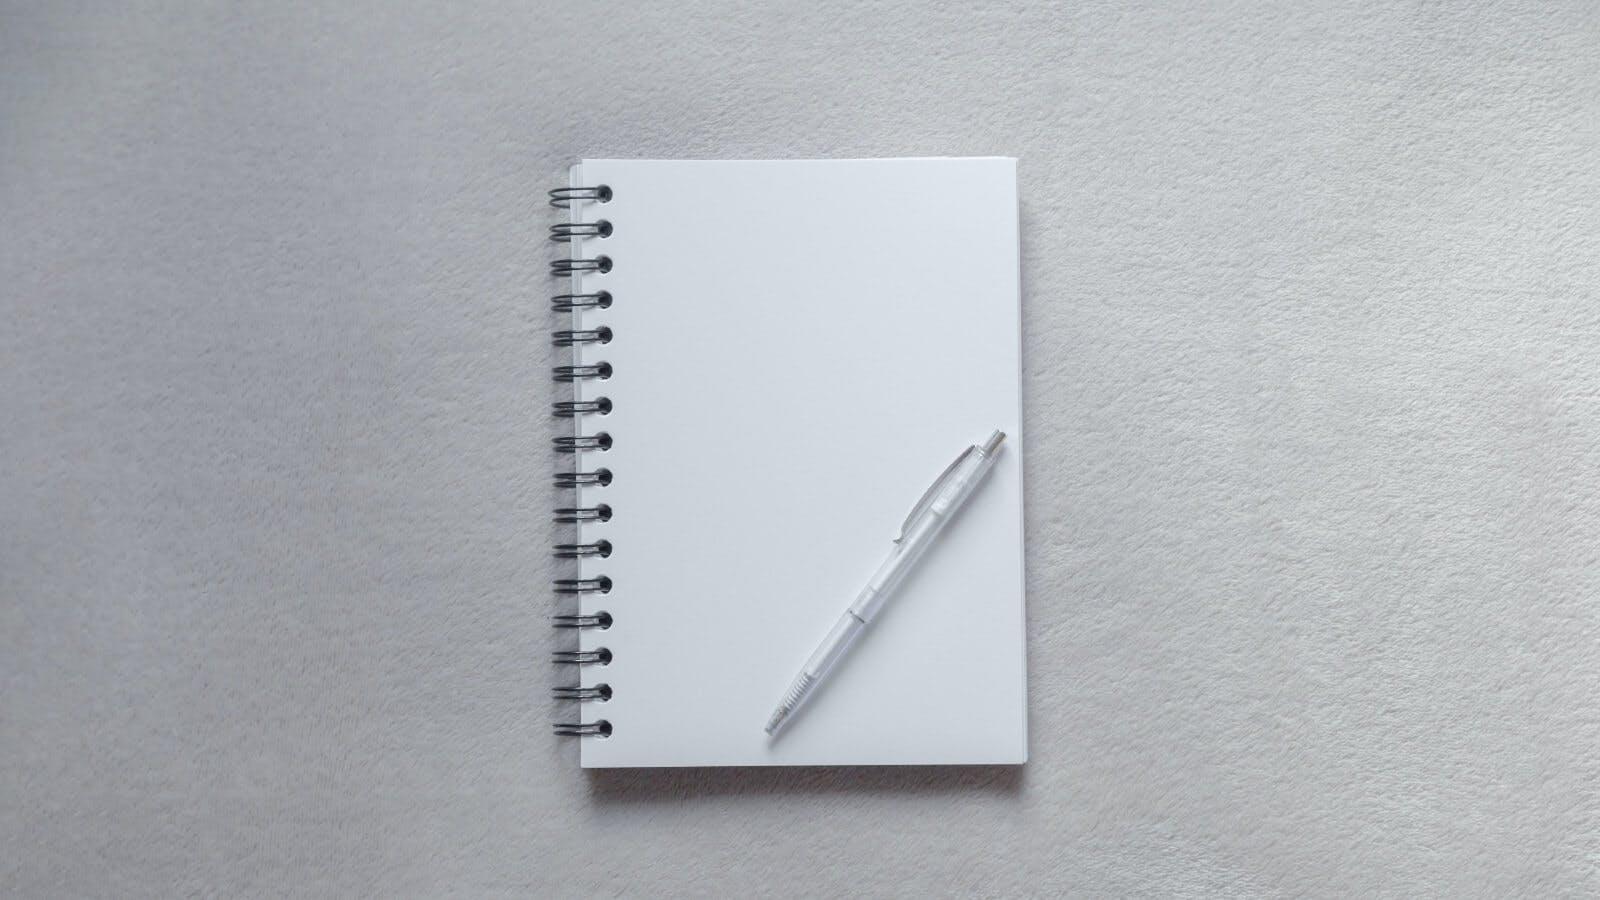 non executive director notepad and pen